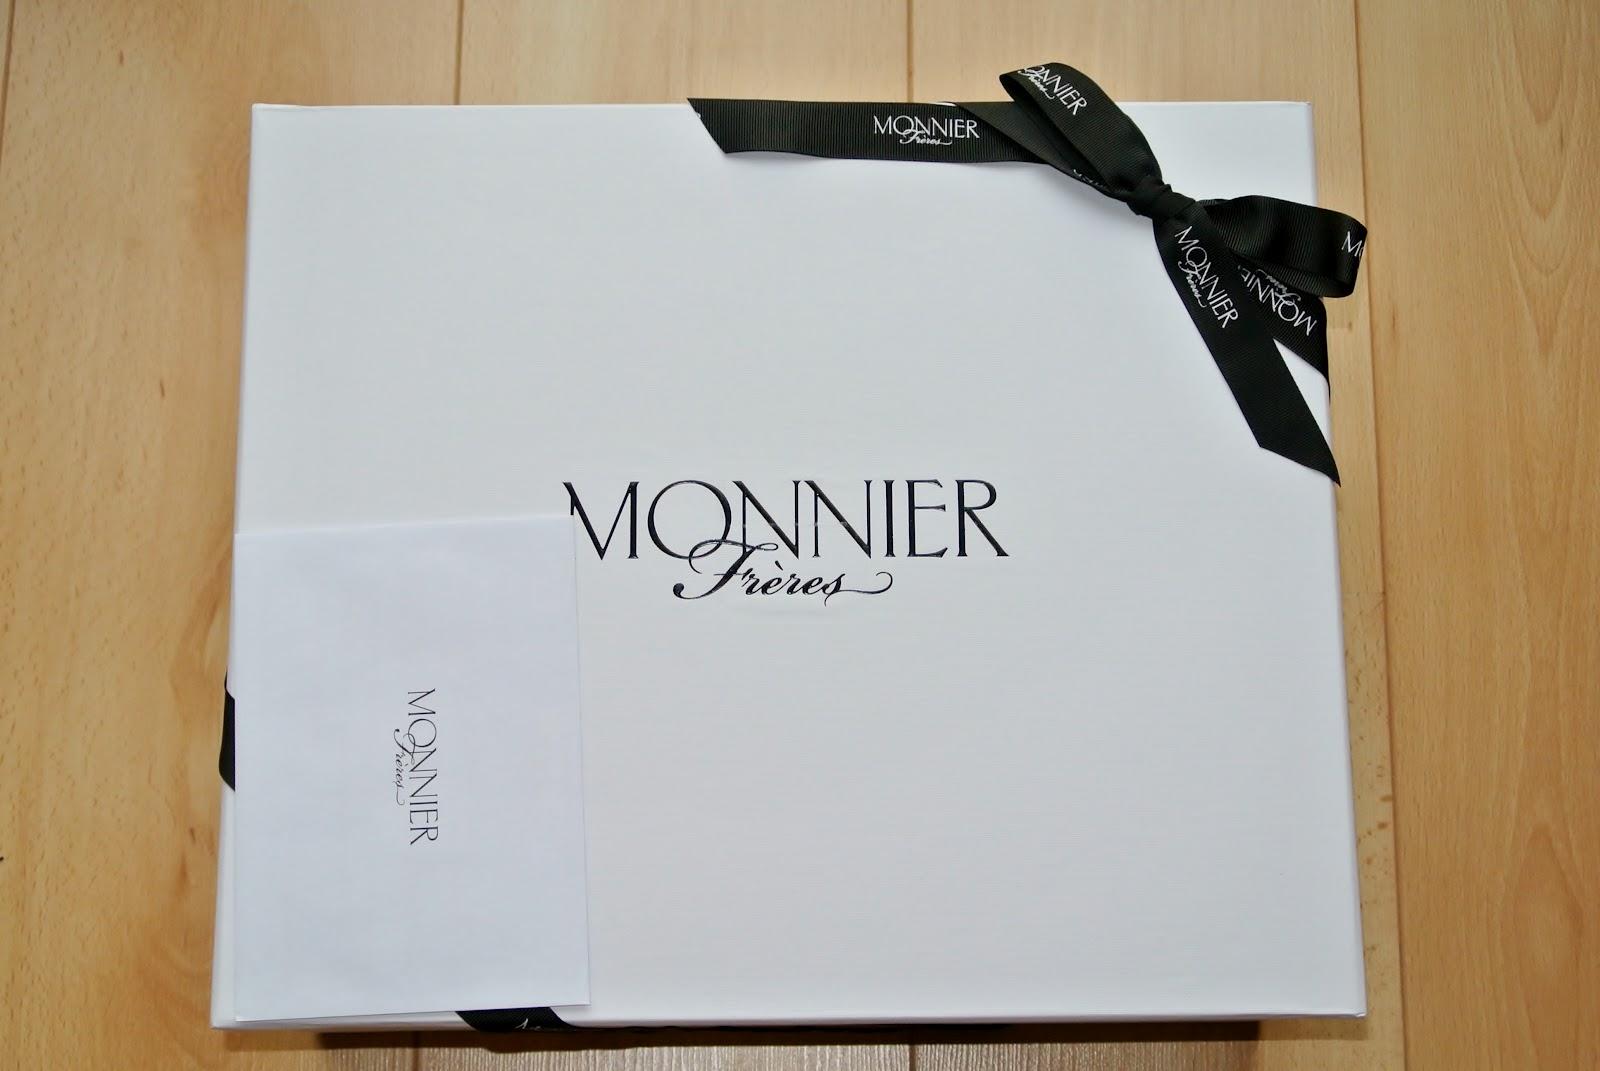 En ce qui concerne le site Monnier Frères, il offre une livraison rapide  (24H) et le packaging est trés jolie. Par contre, ils ont remplacé le  pochon de la ... 11d0cb4af88c